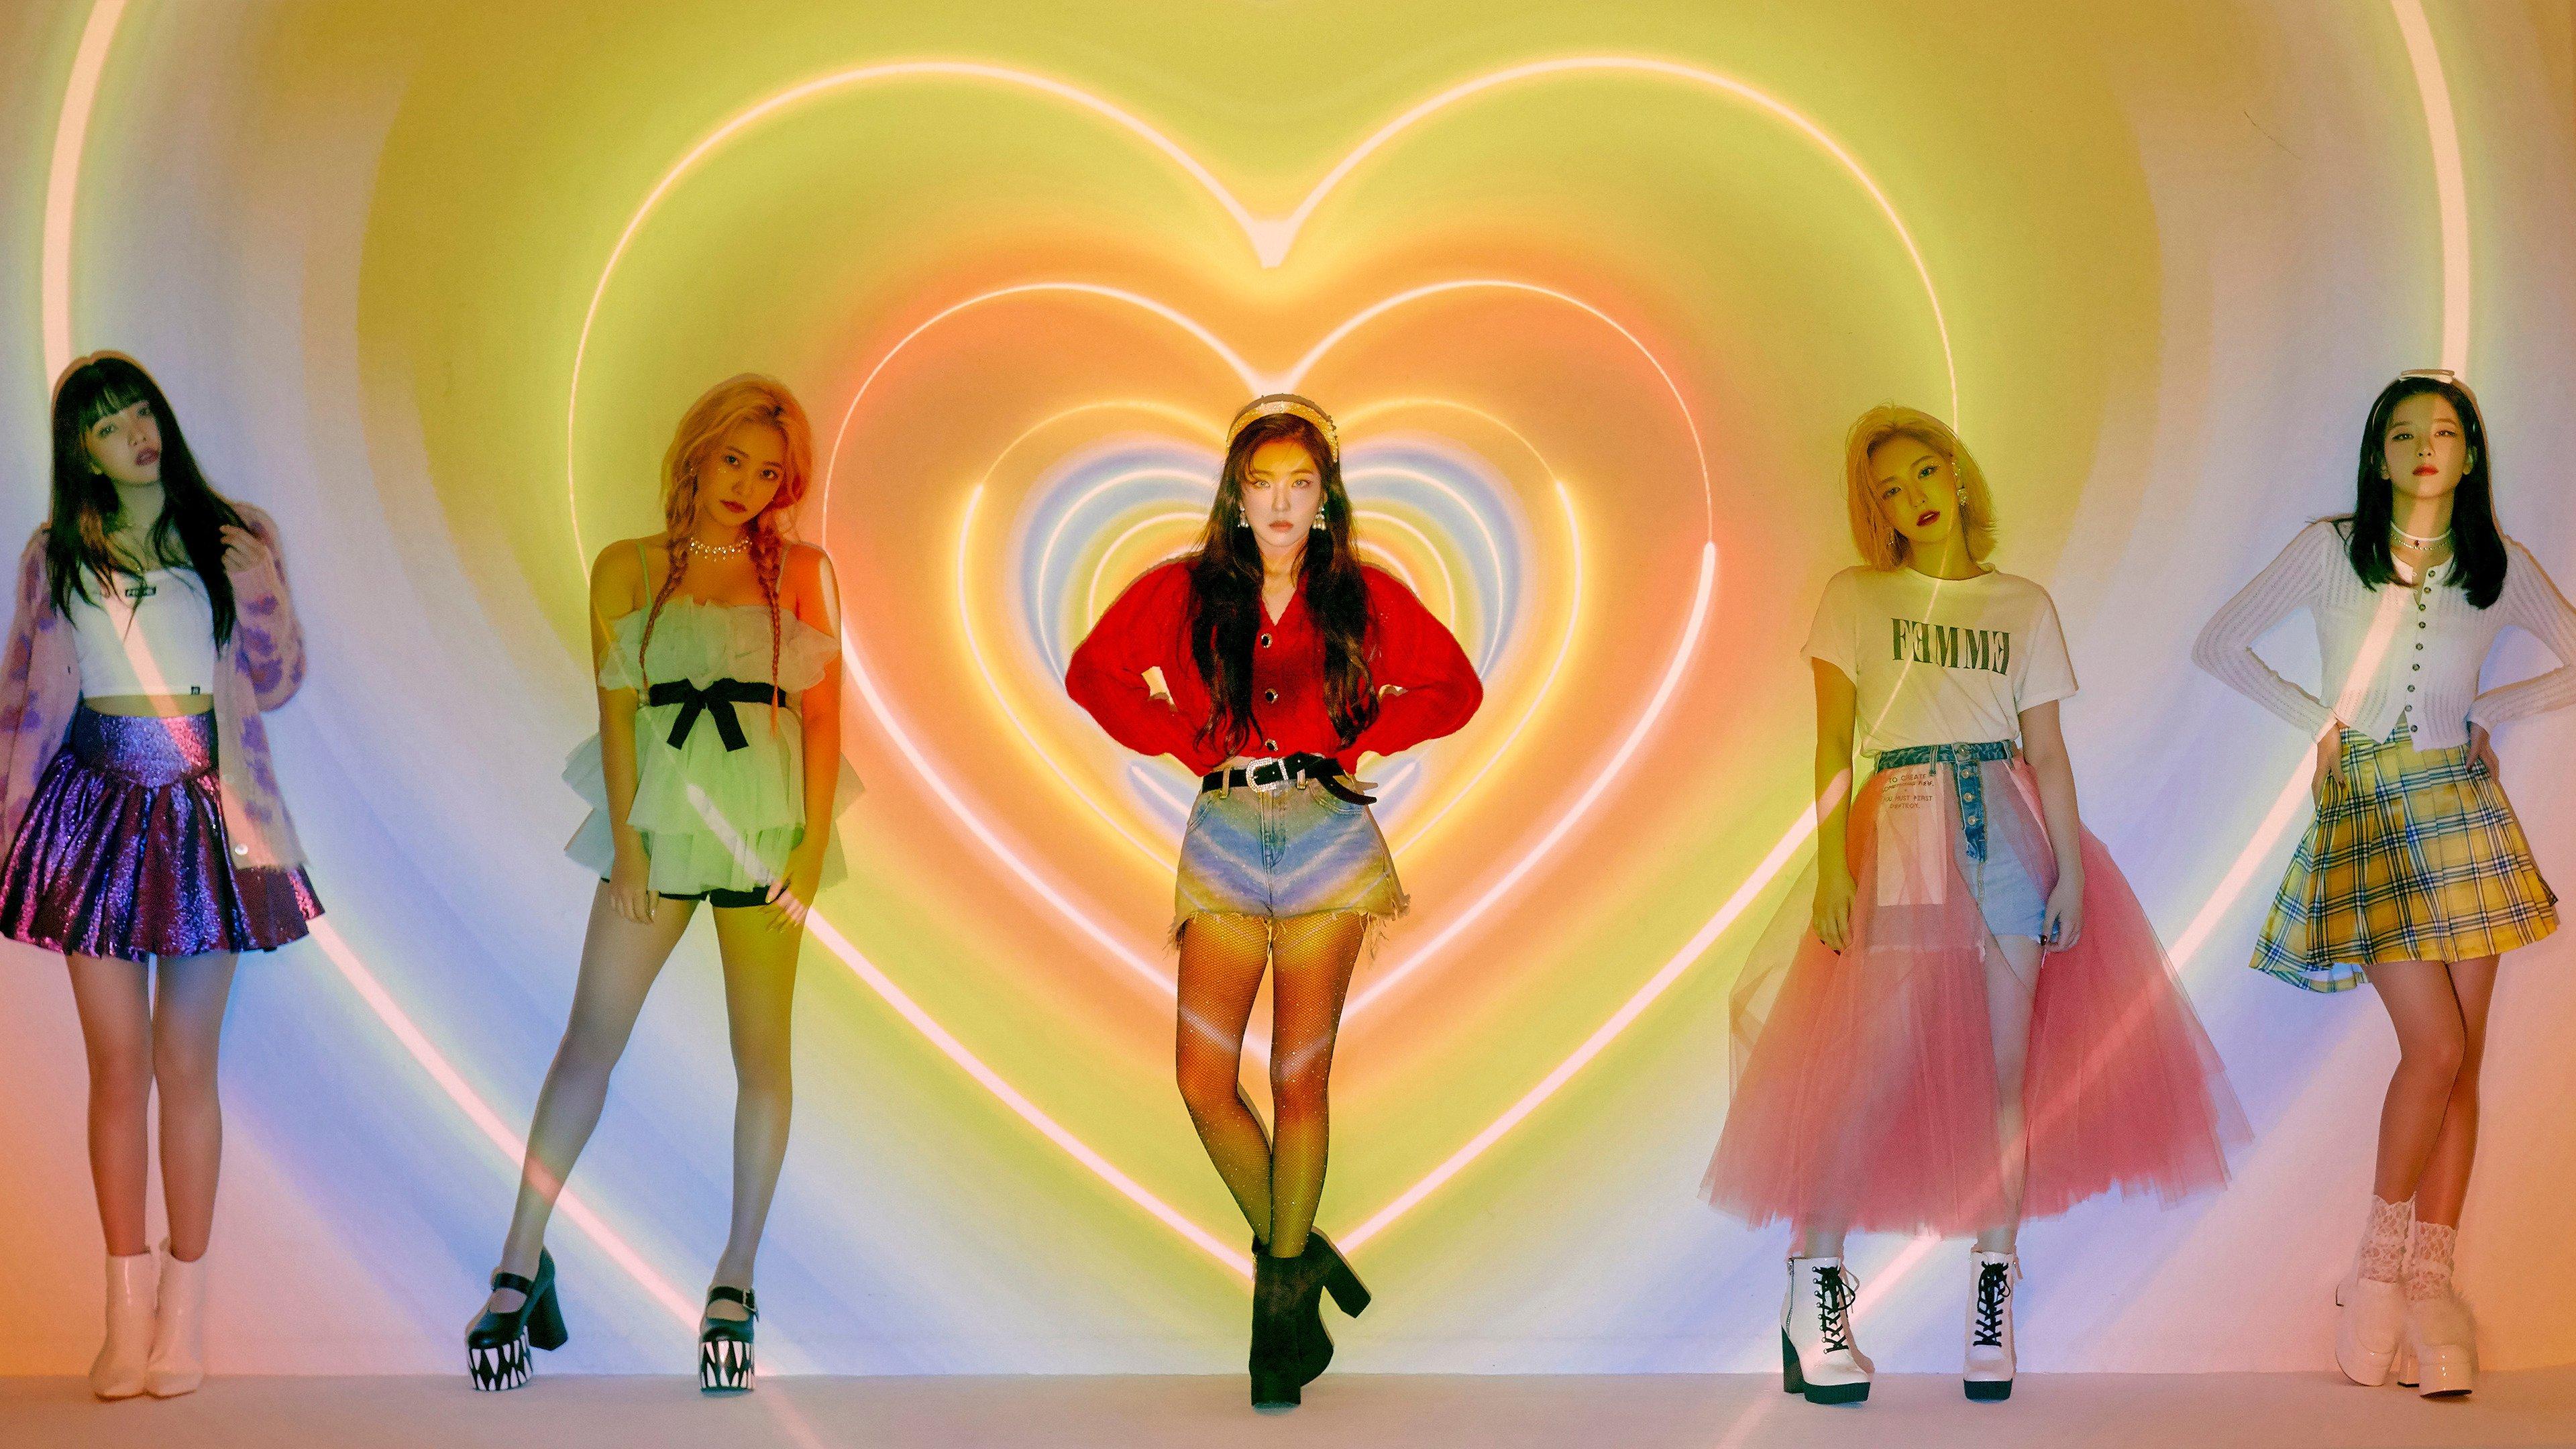 Fondos de pantalla Integrantes de Red Velvet